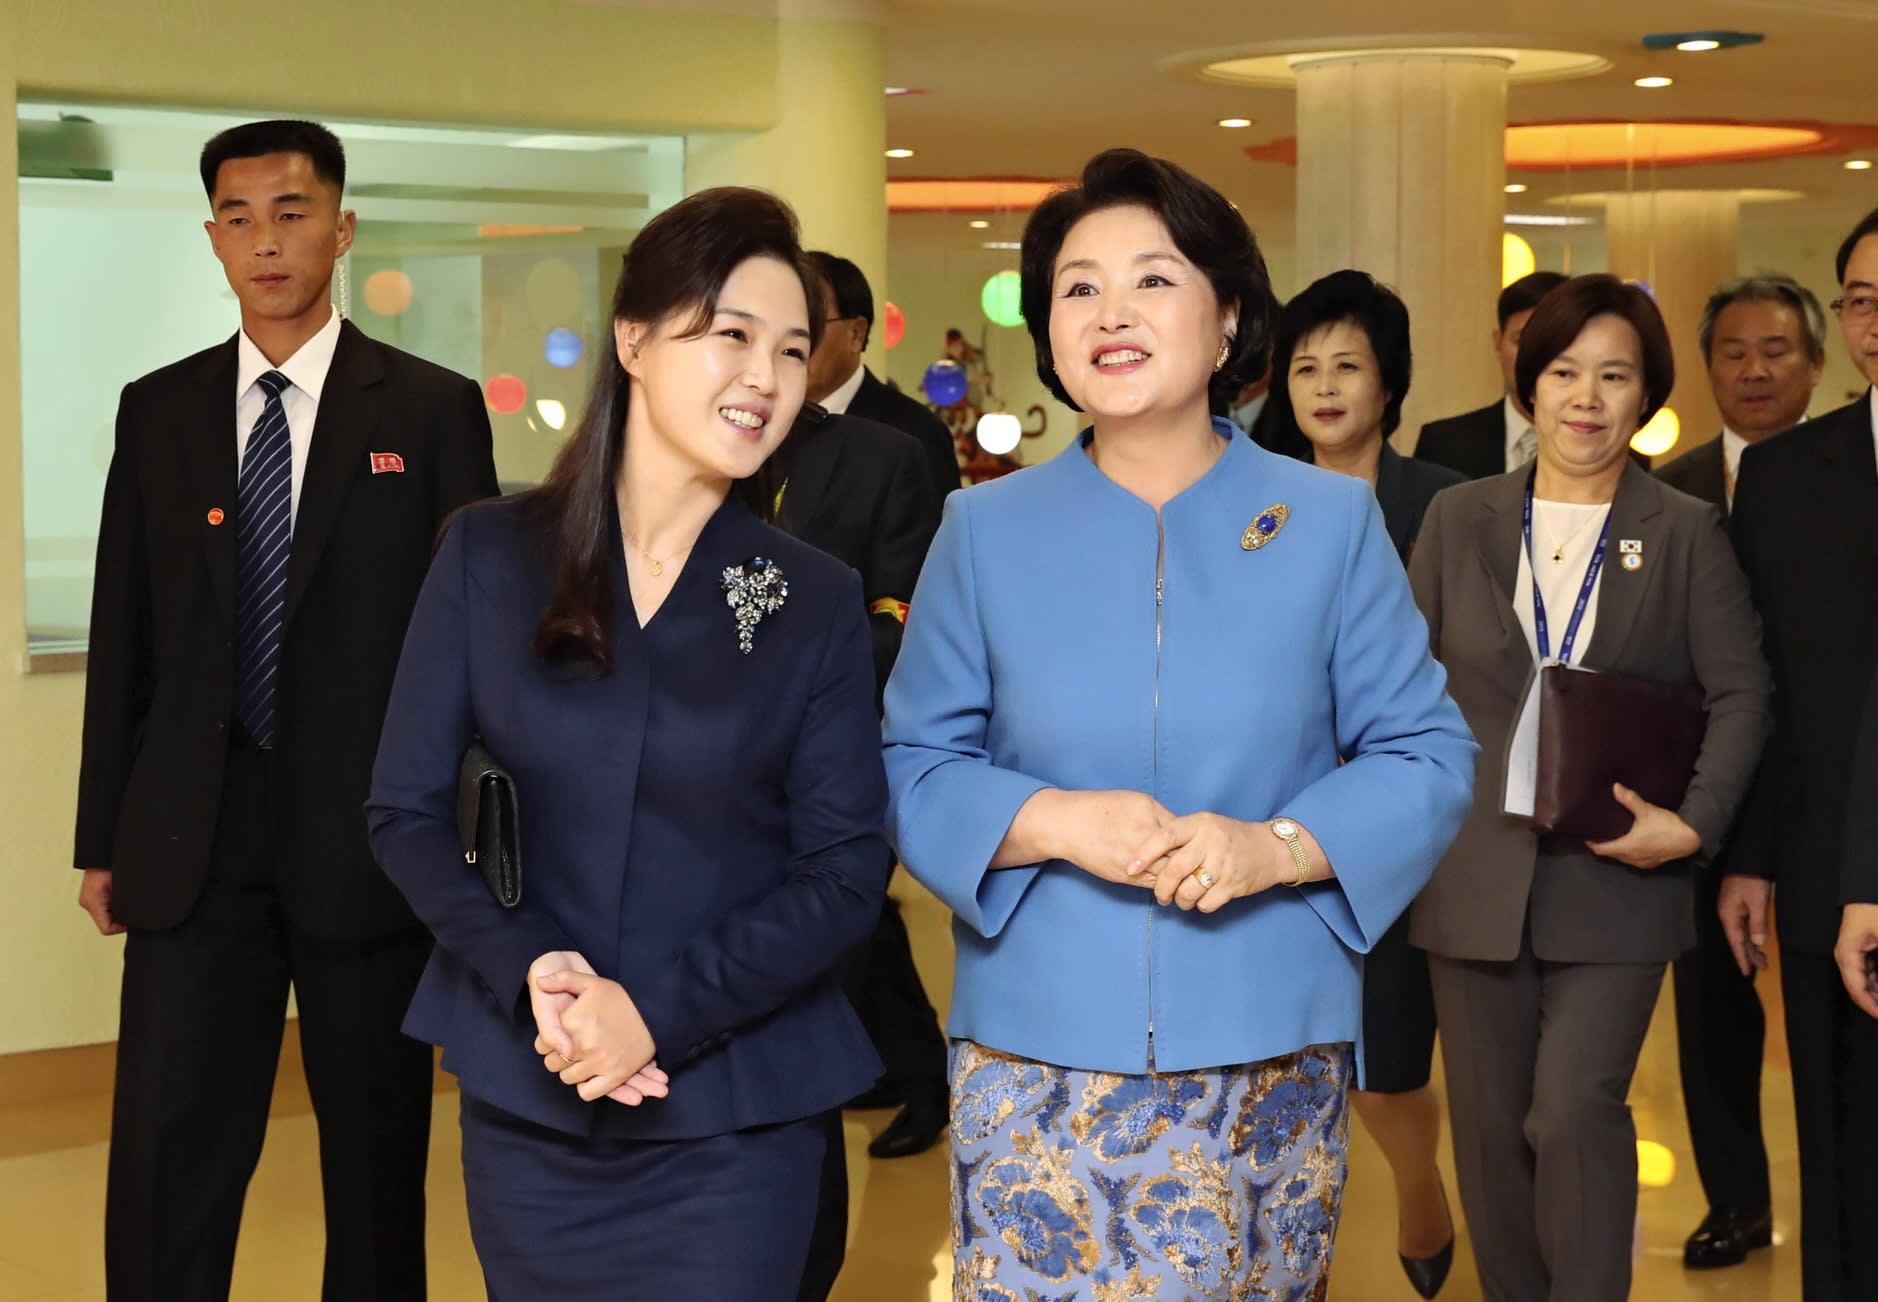 RI SOL JU BERSAMA FIRST LADY KOREA SELATAN